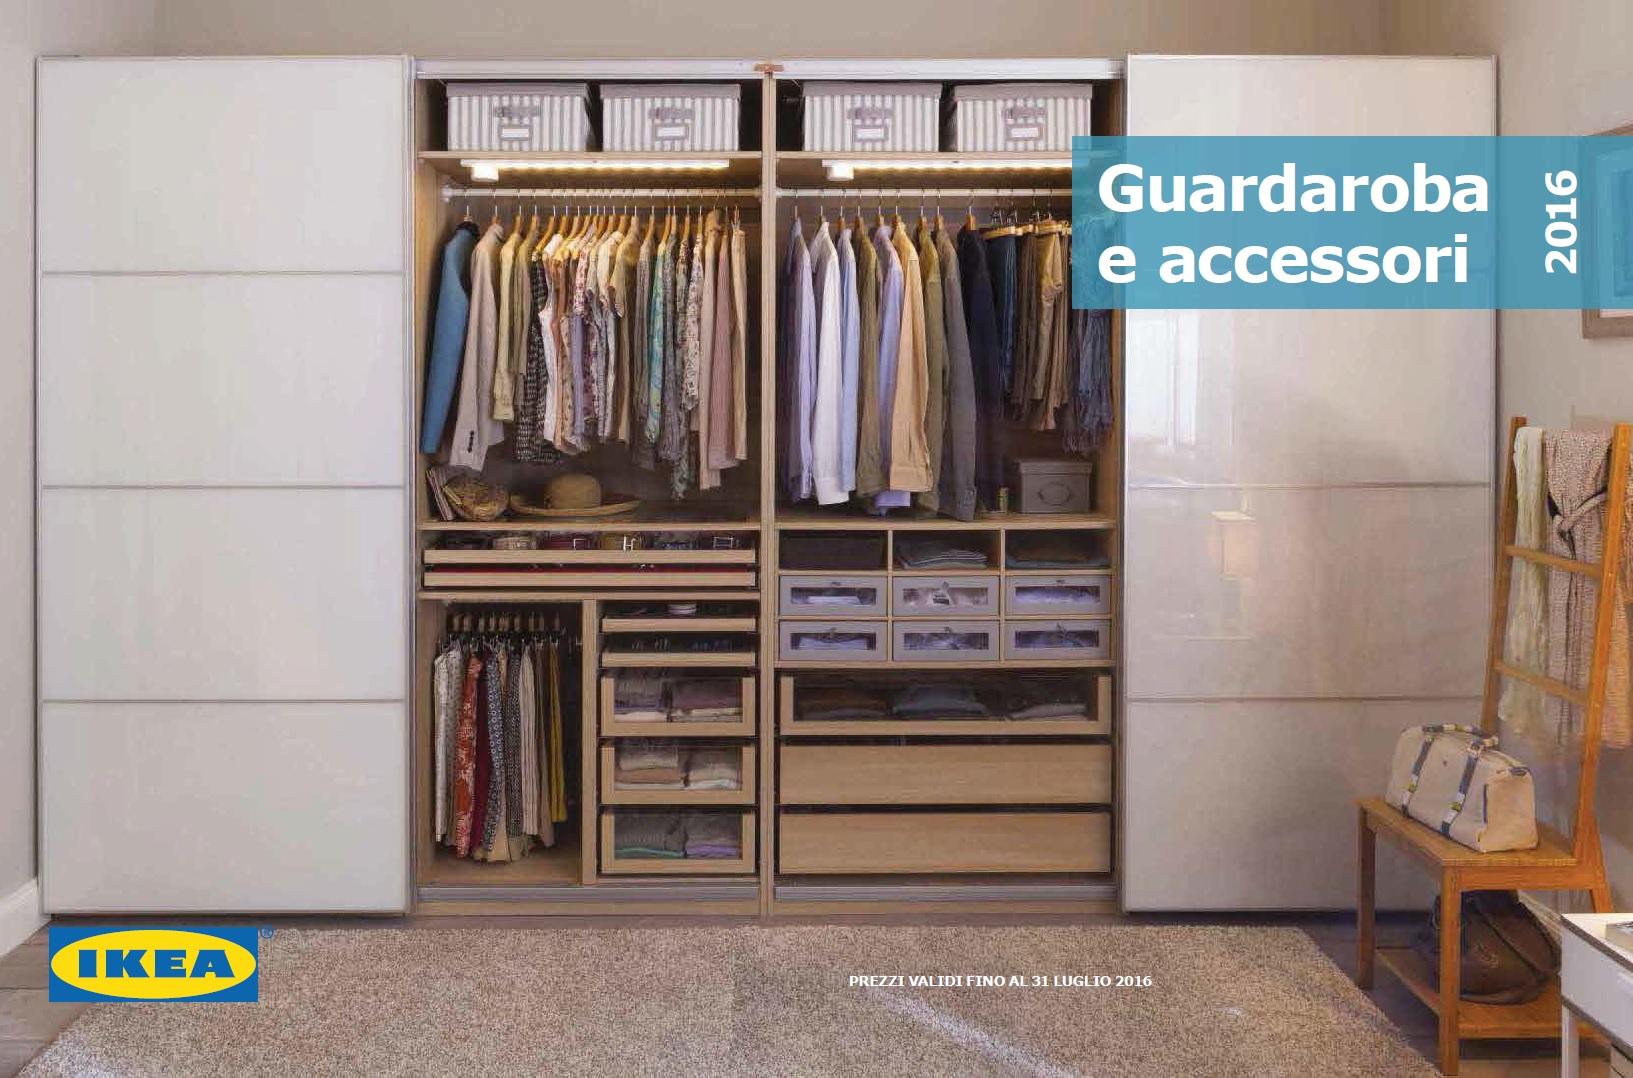 Catalogo ikea guardaroba e accesori al 31 luglio 2016 for Ikea guardaroba con ante scorrevoli